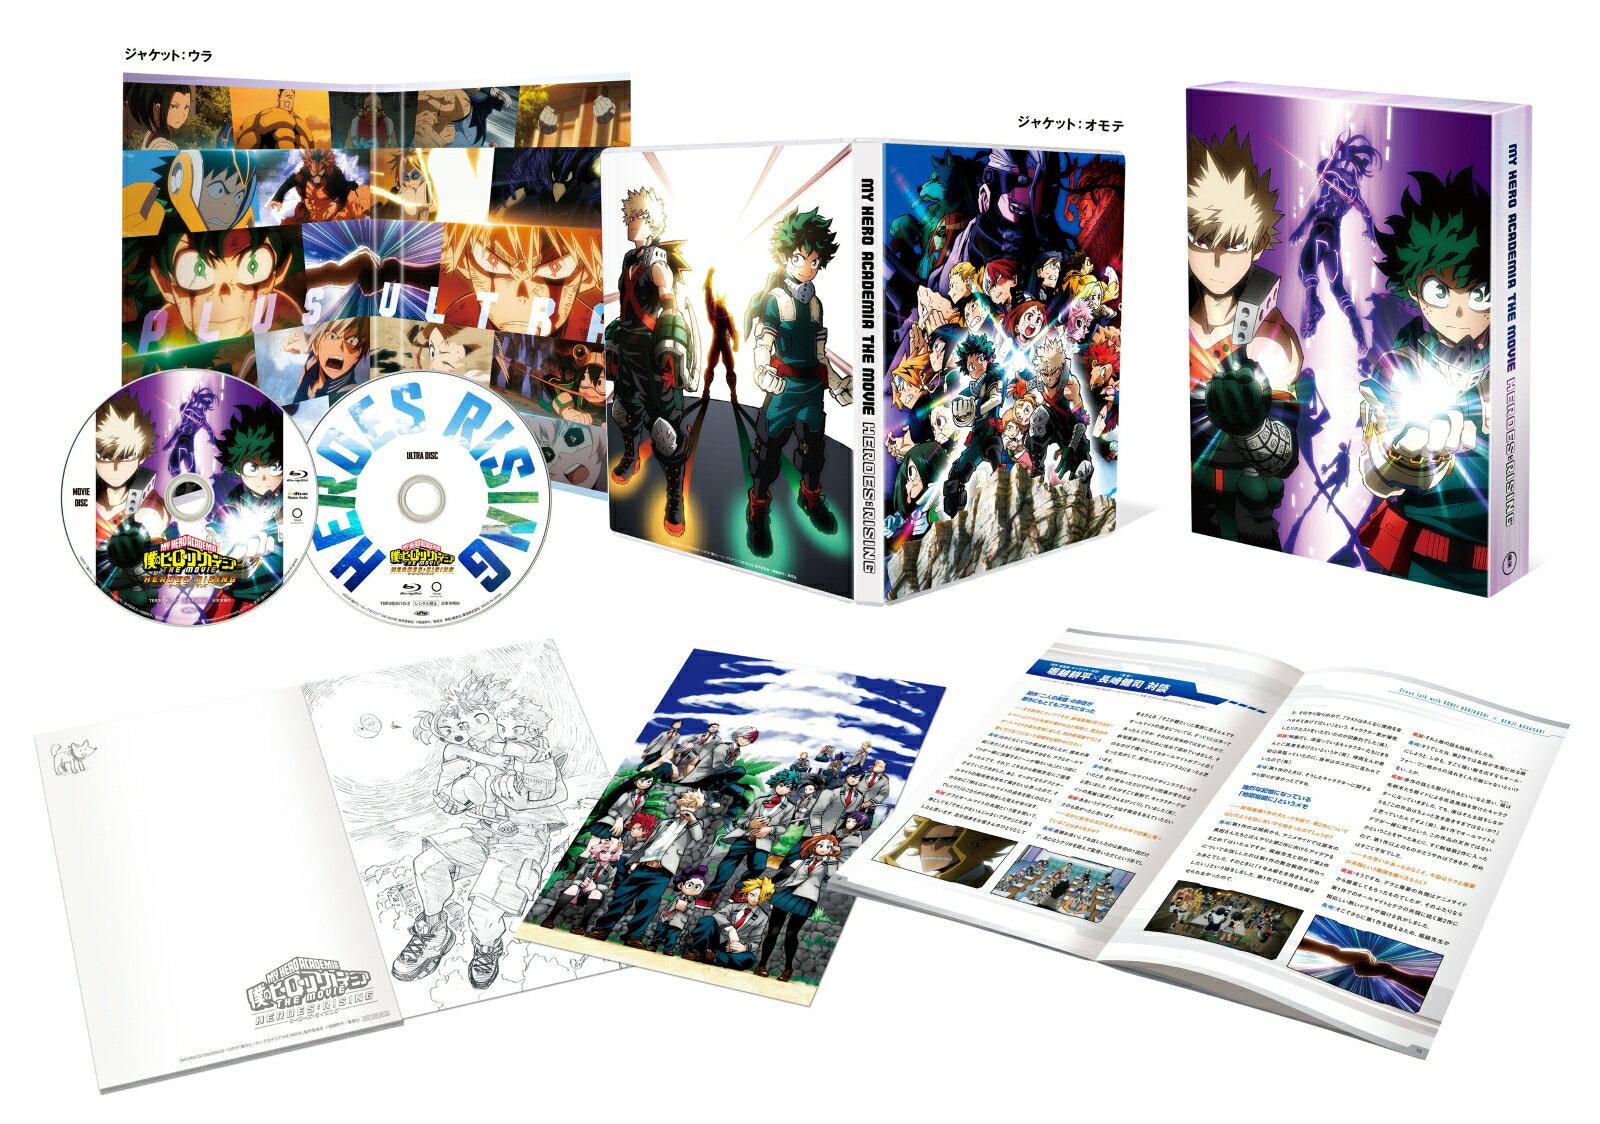 僕のヒーローアカデミア THE MOVIE ヒーローズ:ライジング プルスウルトラ版【Blu-ray】